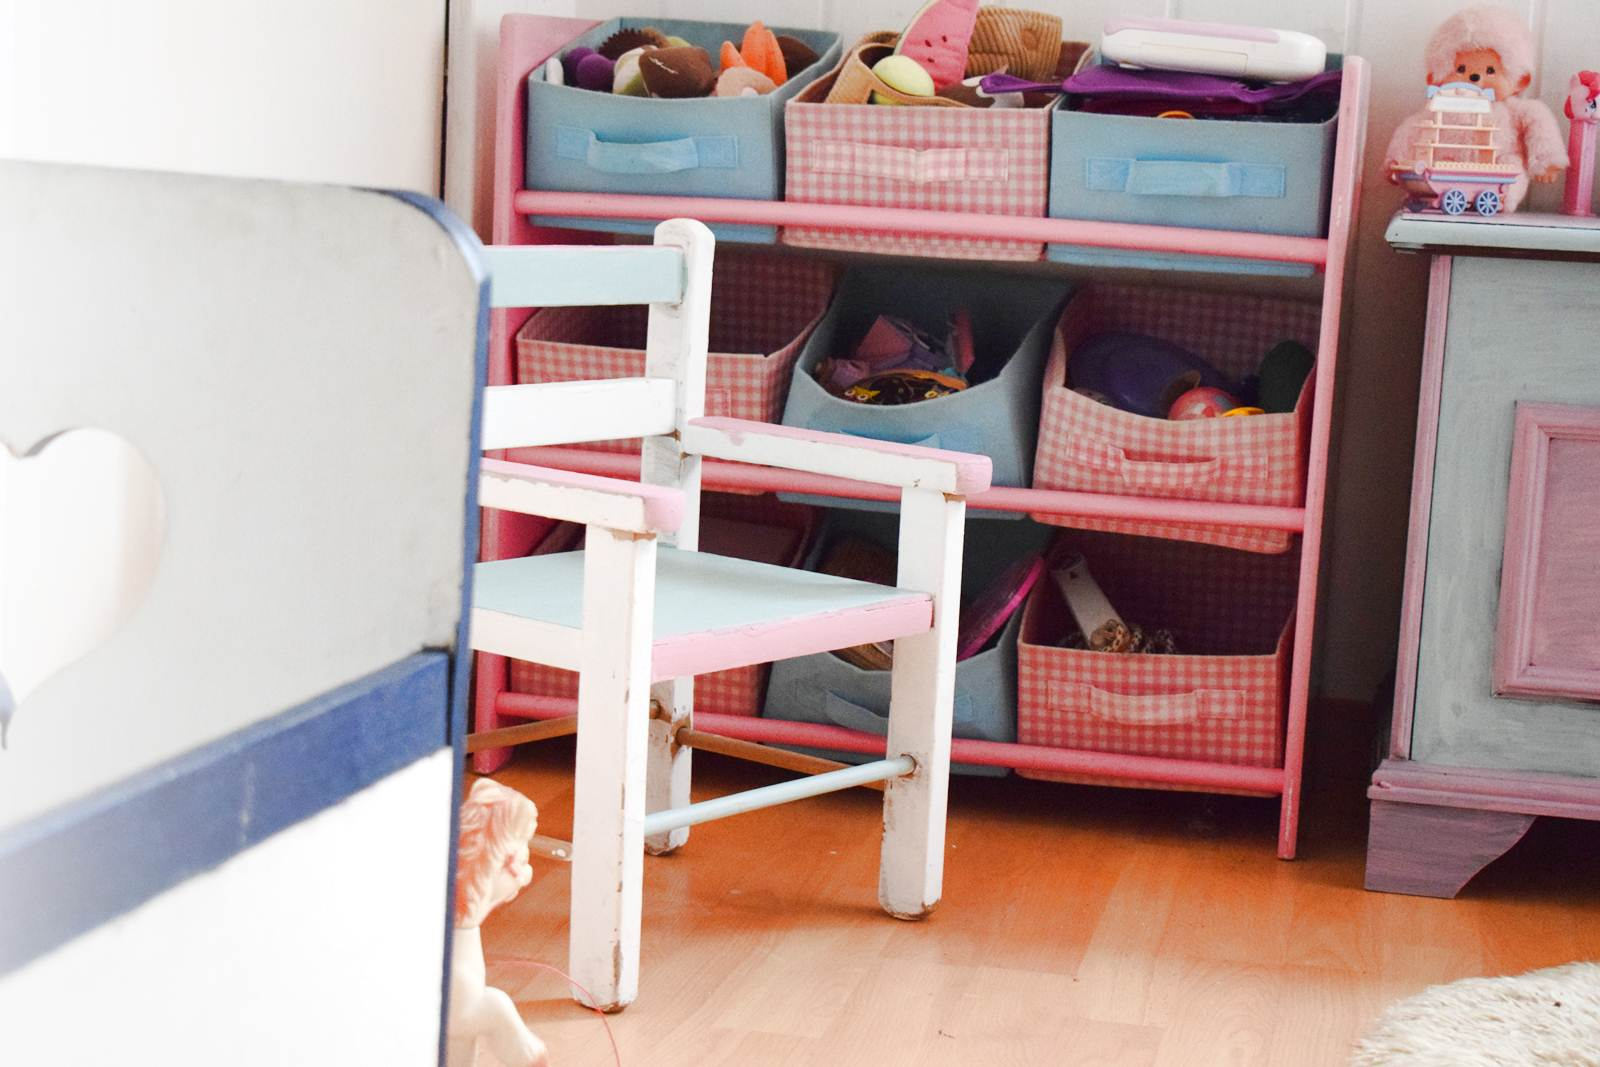 D coration chambre fille couleur pastel 29 argenteuil chambre fille deco london chambre for Couleur chambre fille rose et gris